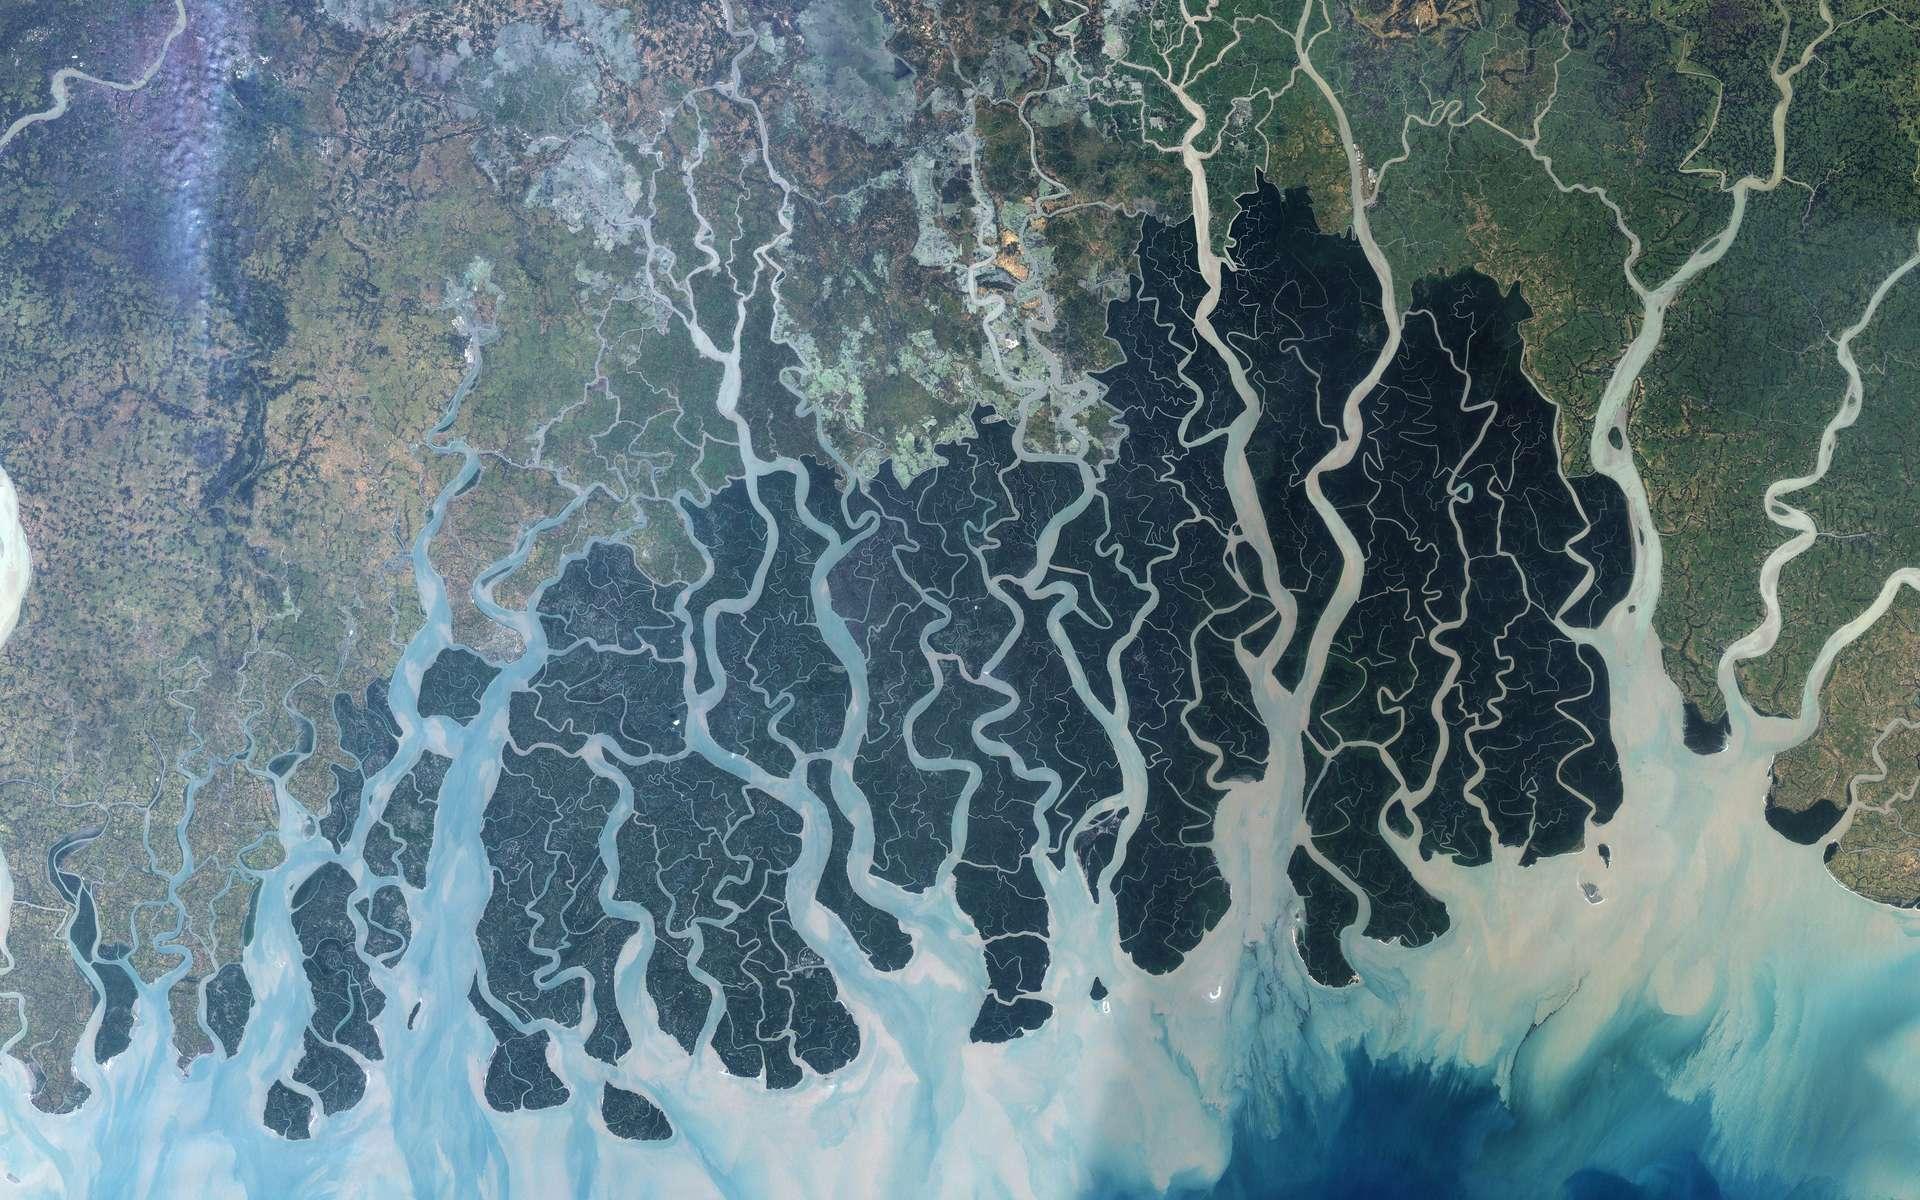 Le delta du Gange, vu ici de l'espace par le satellite Landsat 7 de la Nasa, est le plus grand delta du monde moderne si on omet l'embouchure de l'Amazone, où un véritable delta ne peut en pratique pas se former. © Nasa, Jesse Allen, Earth Observatory, University of Maryland's Global Land Cover Facility, DP